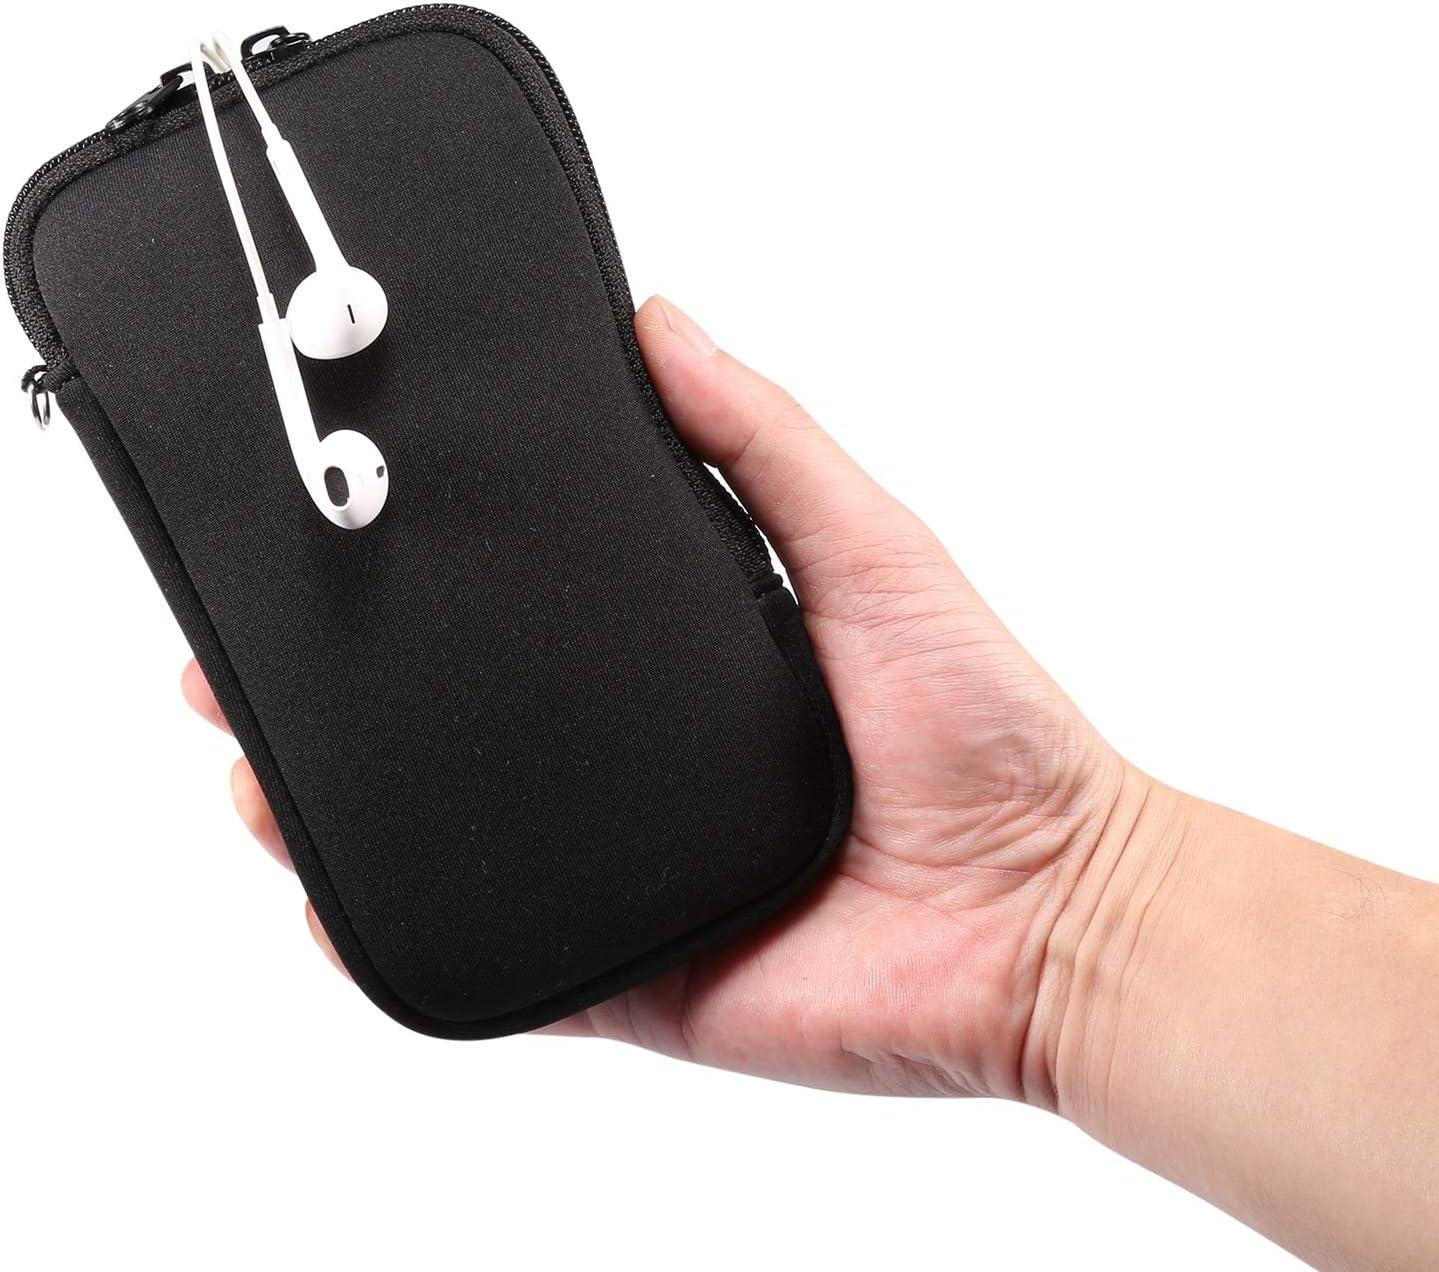 Strimm Funda protectora universal con cierre de cremallera para iPhone 12 Pro Max tel/éfonos inteligentes de 6.7 a 6.9 pulgadas